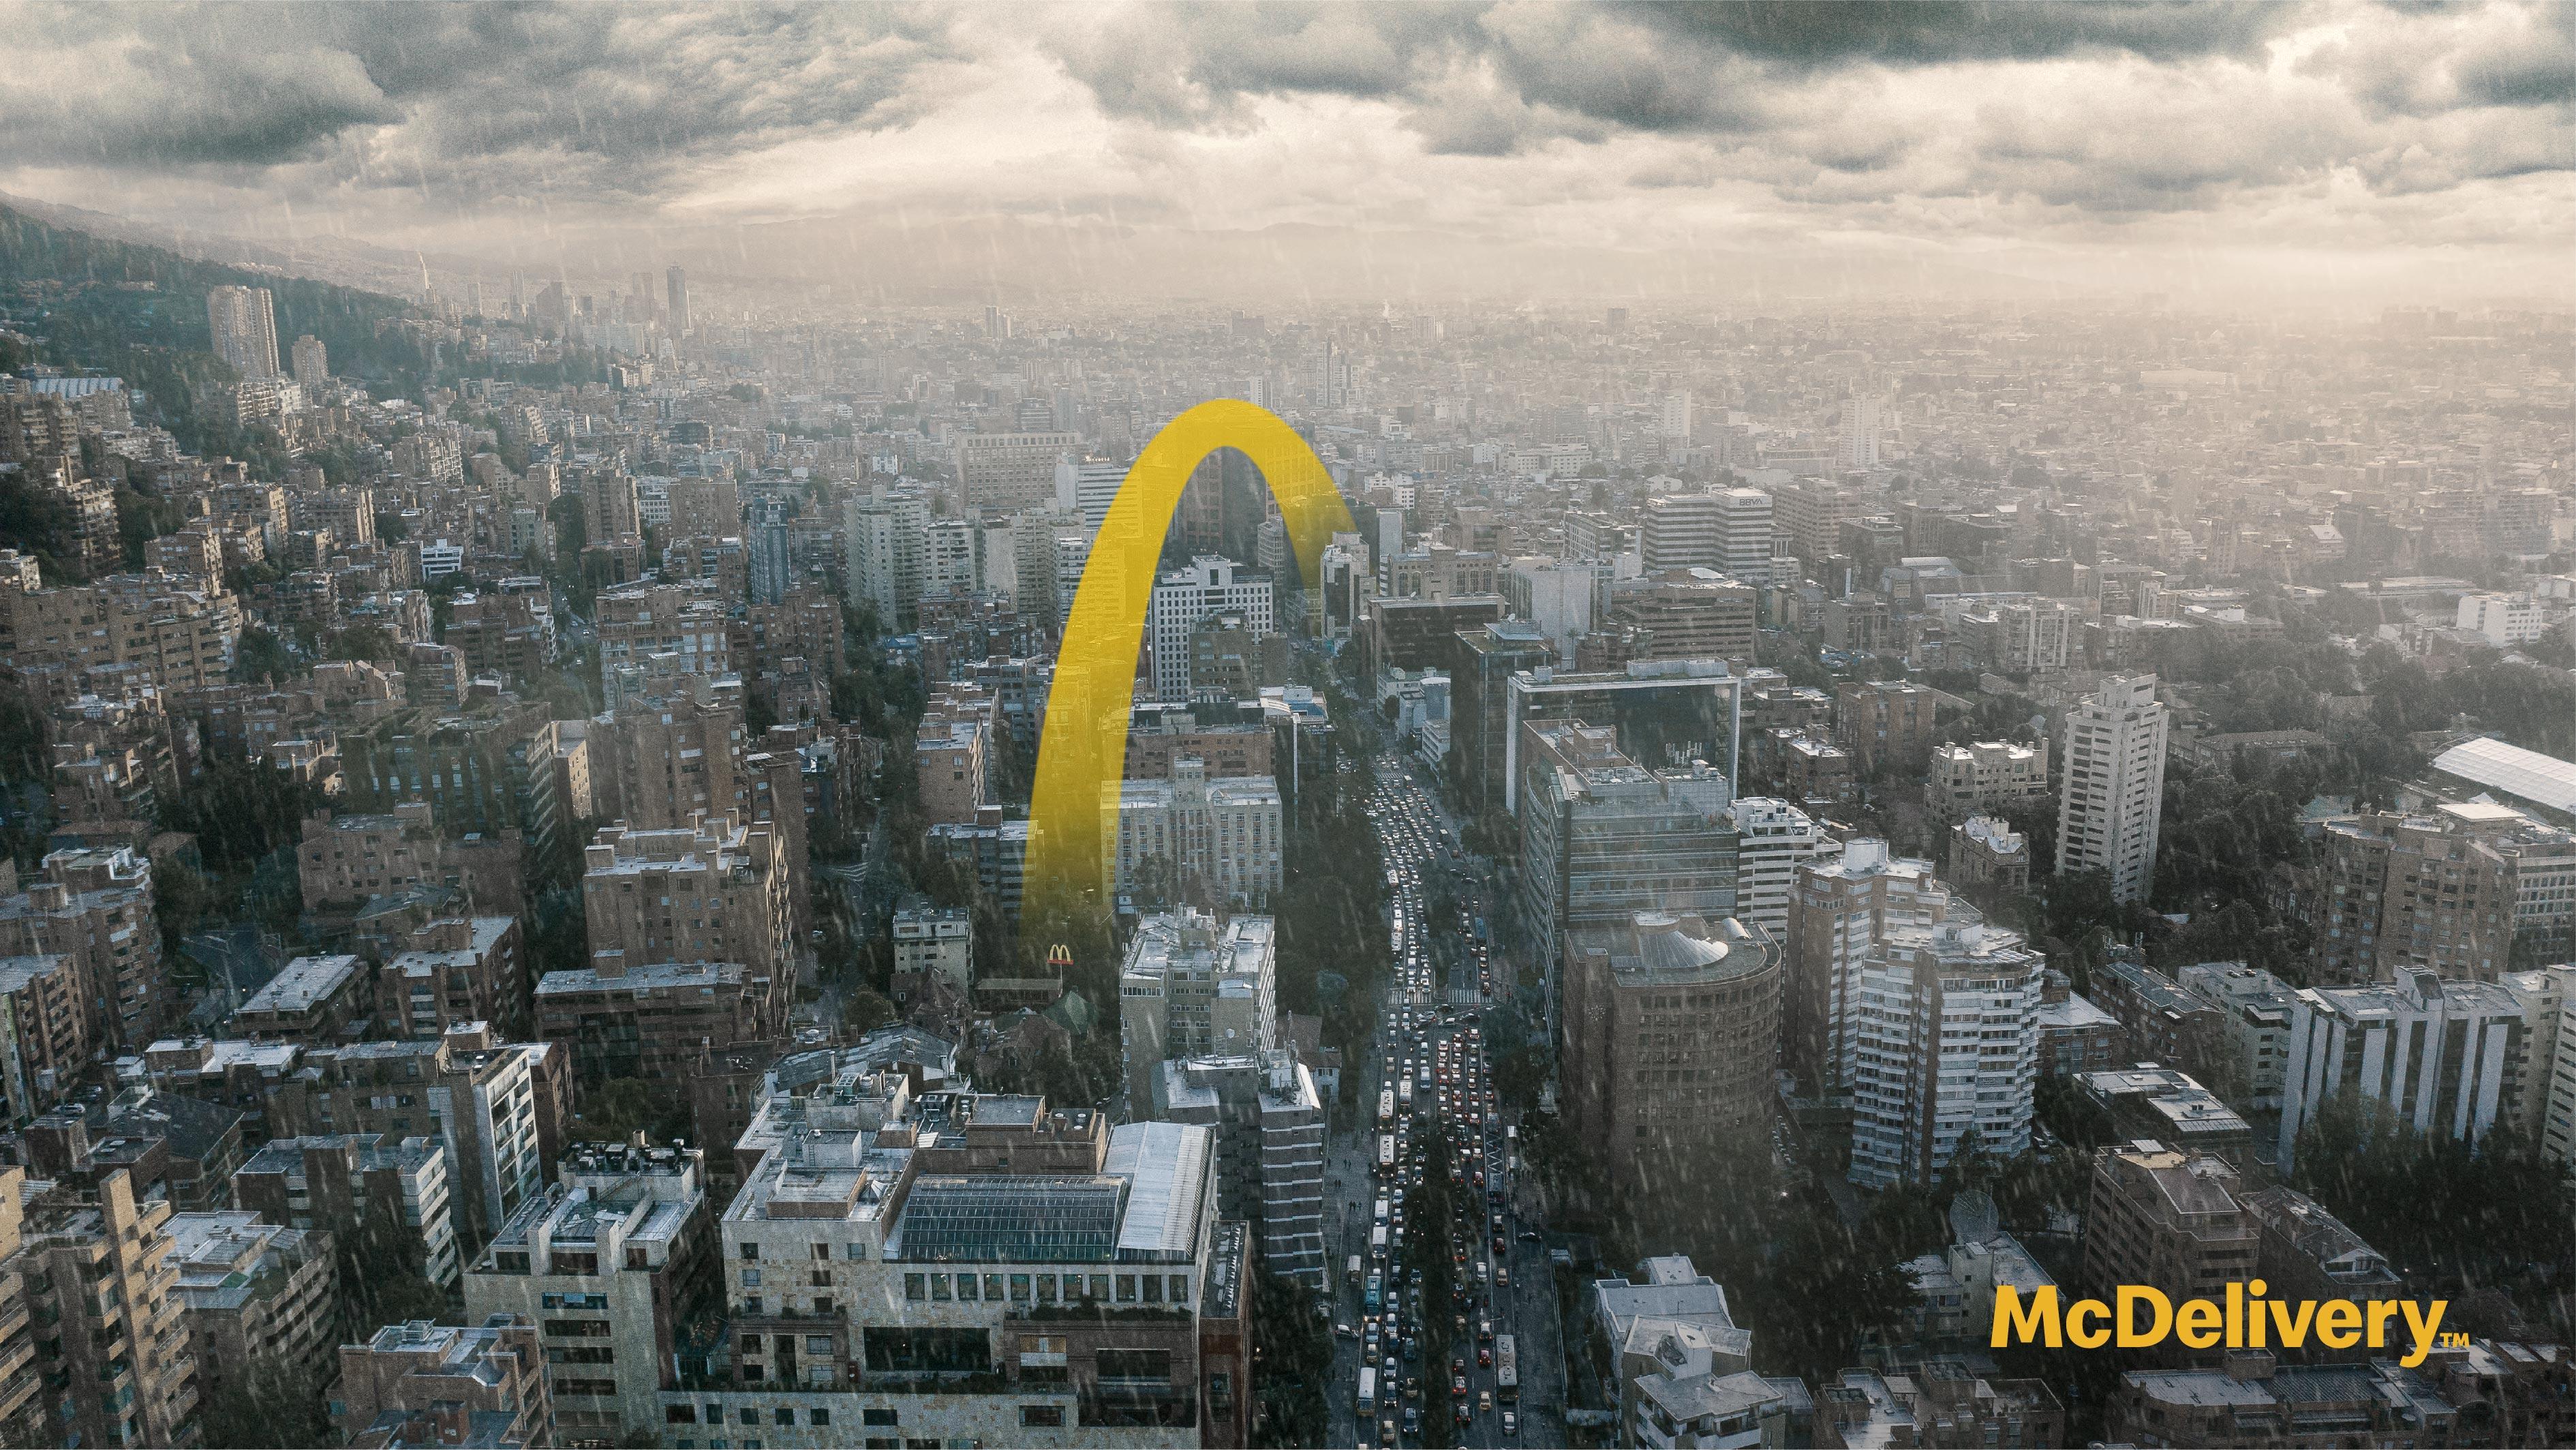 麦乐送「空运」联想海报:好时机,无需等待.jpeg